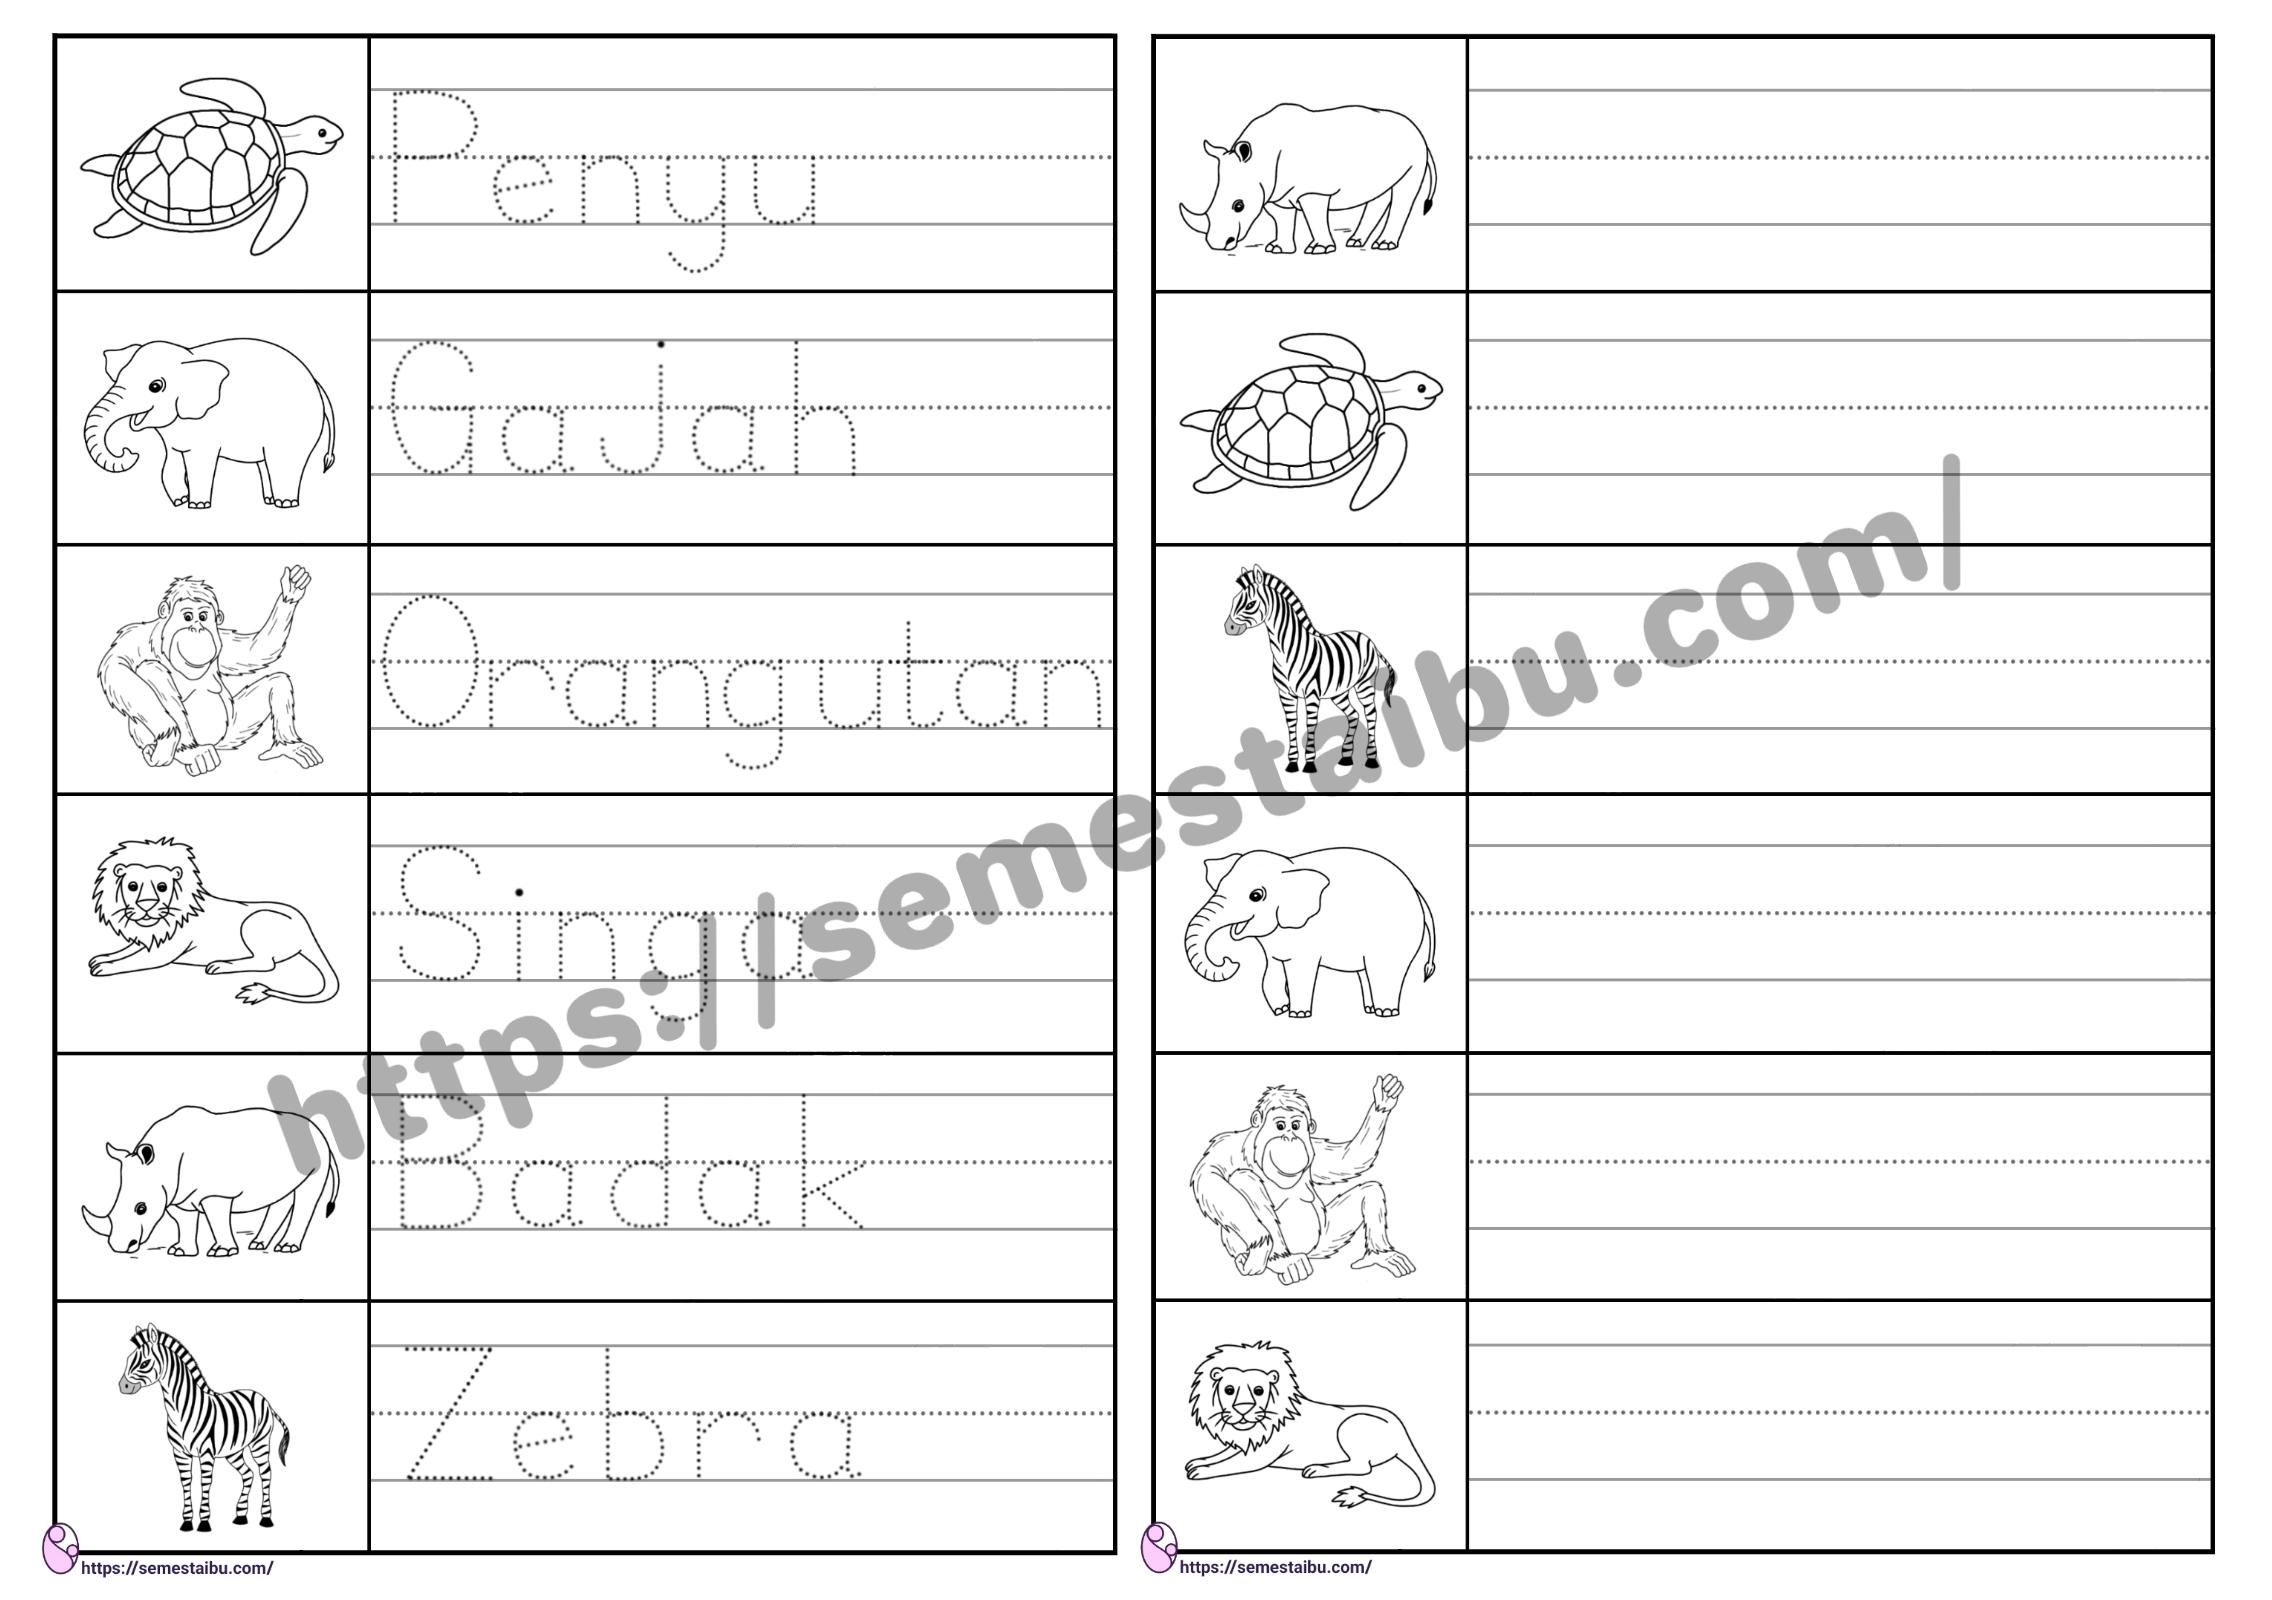 Lembar kerja anak tk menulis - tema hewan